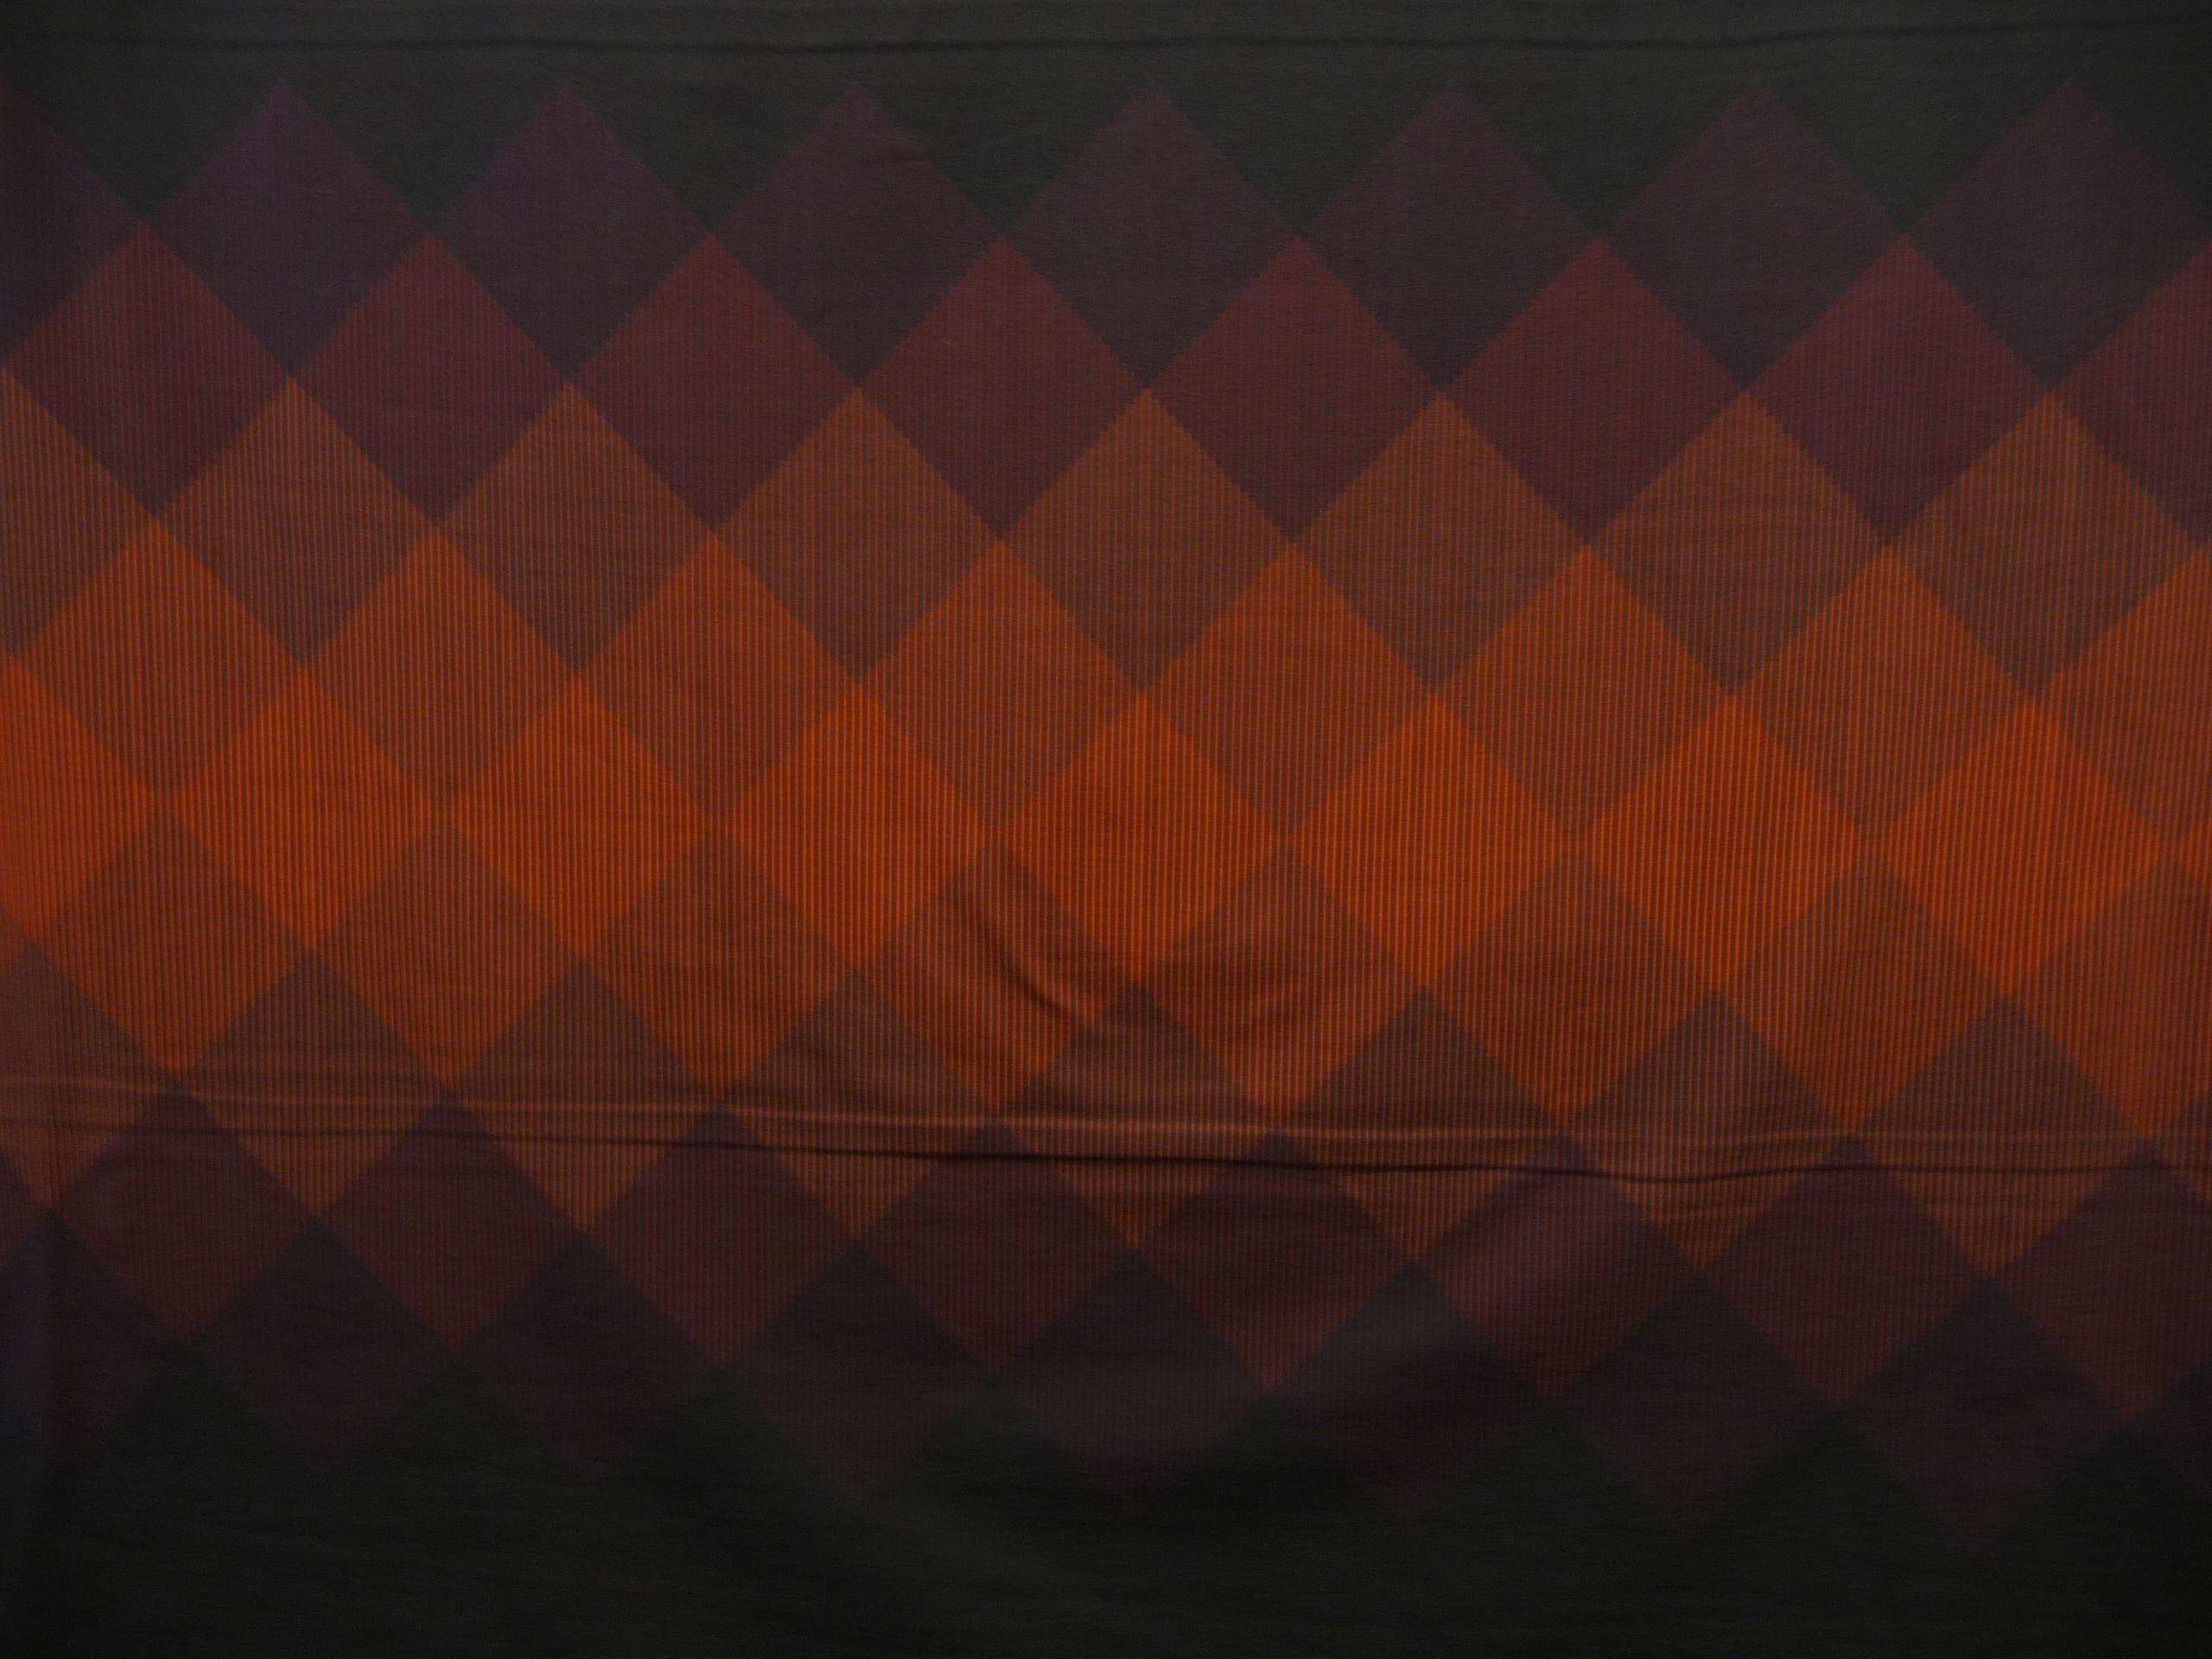 170 Panneau Baumwoll Jersey 78x155 Fr. 25.-- p.P.